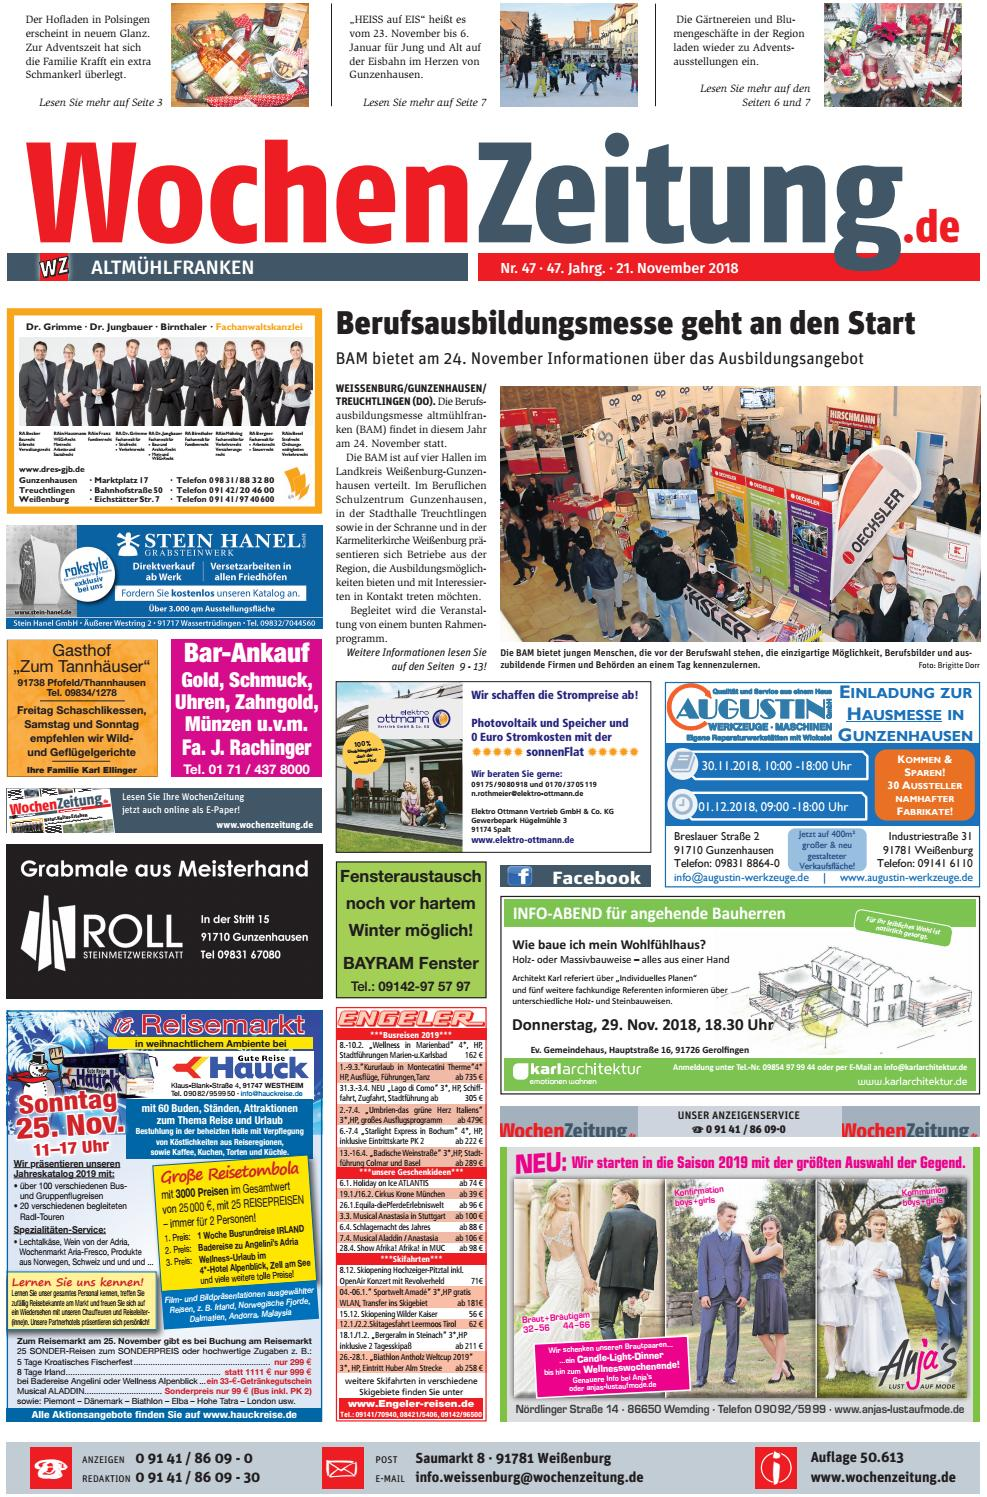 Wochenzeitung Altmuhlfranken Kw 47 18 By Wochenzeitung